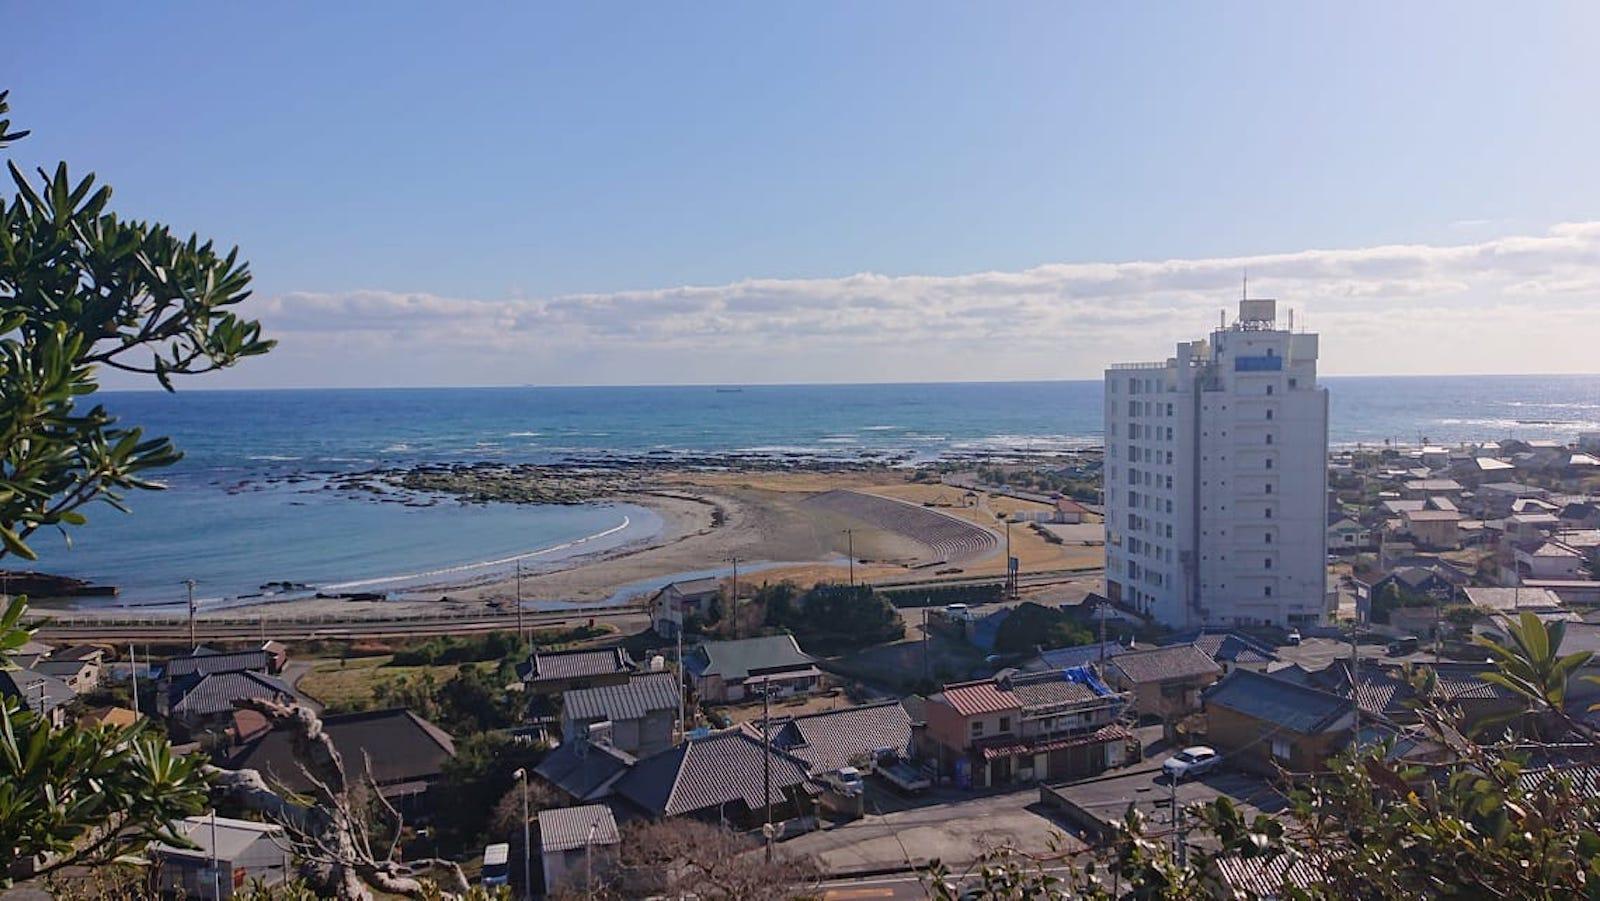 浅間神社から見た塩浦地区。ビーチが広がり、海水浴もできます